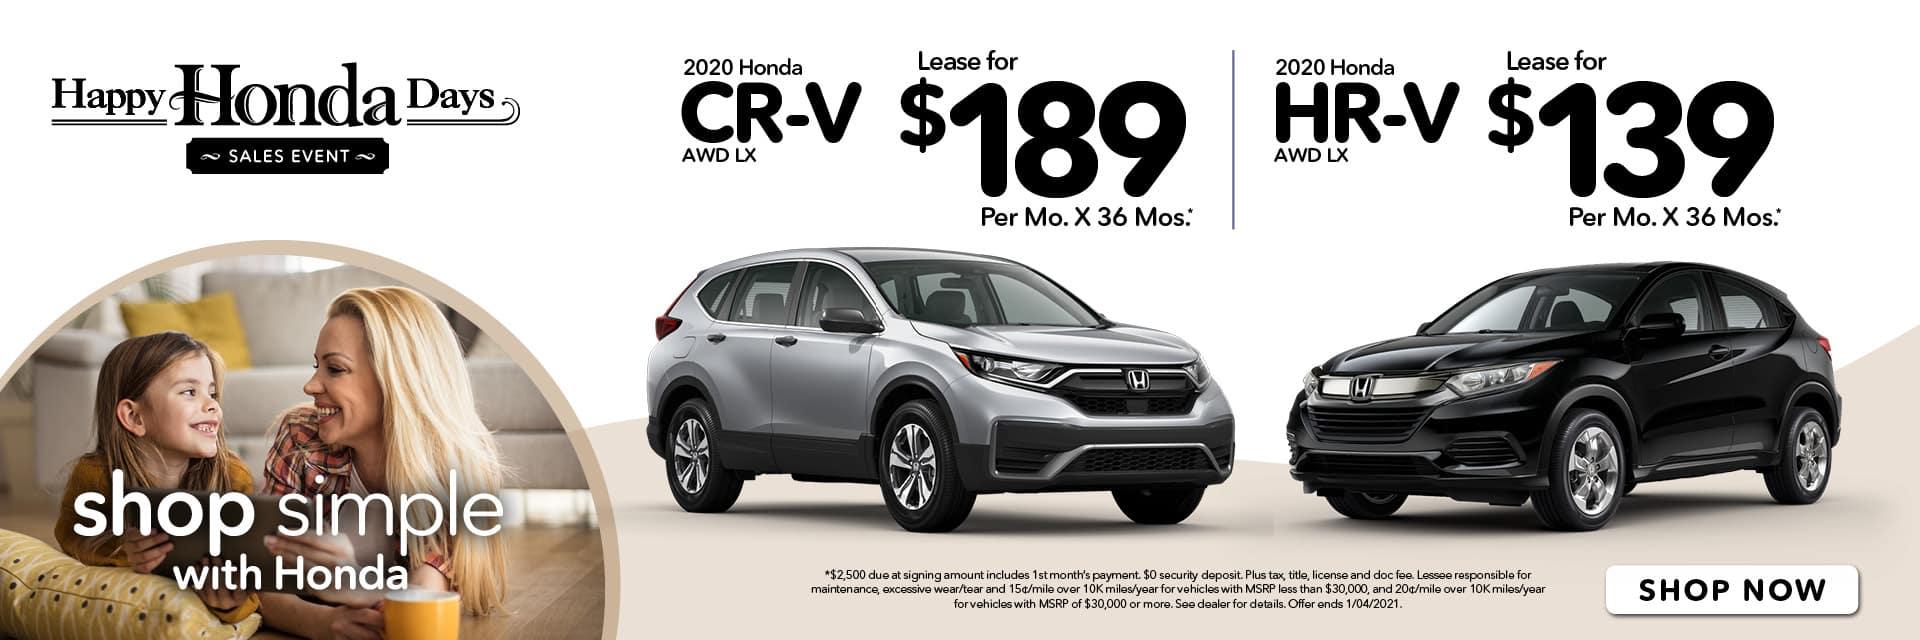 Happy Honda Days HR-V & CR-V